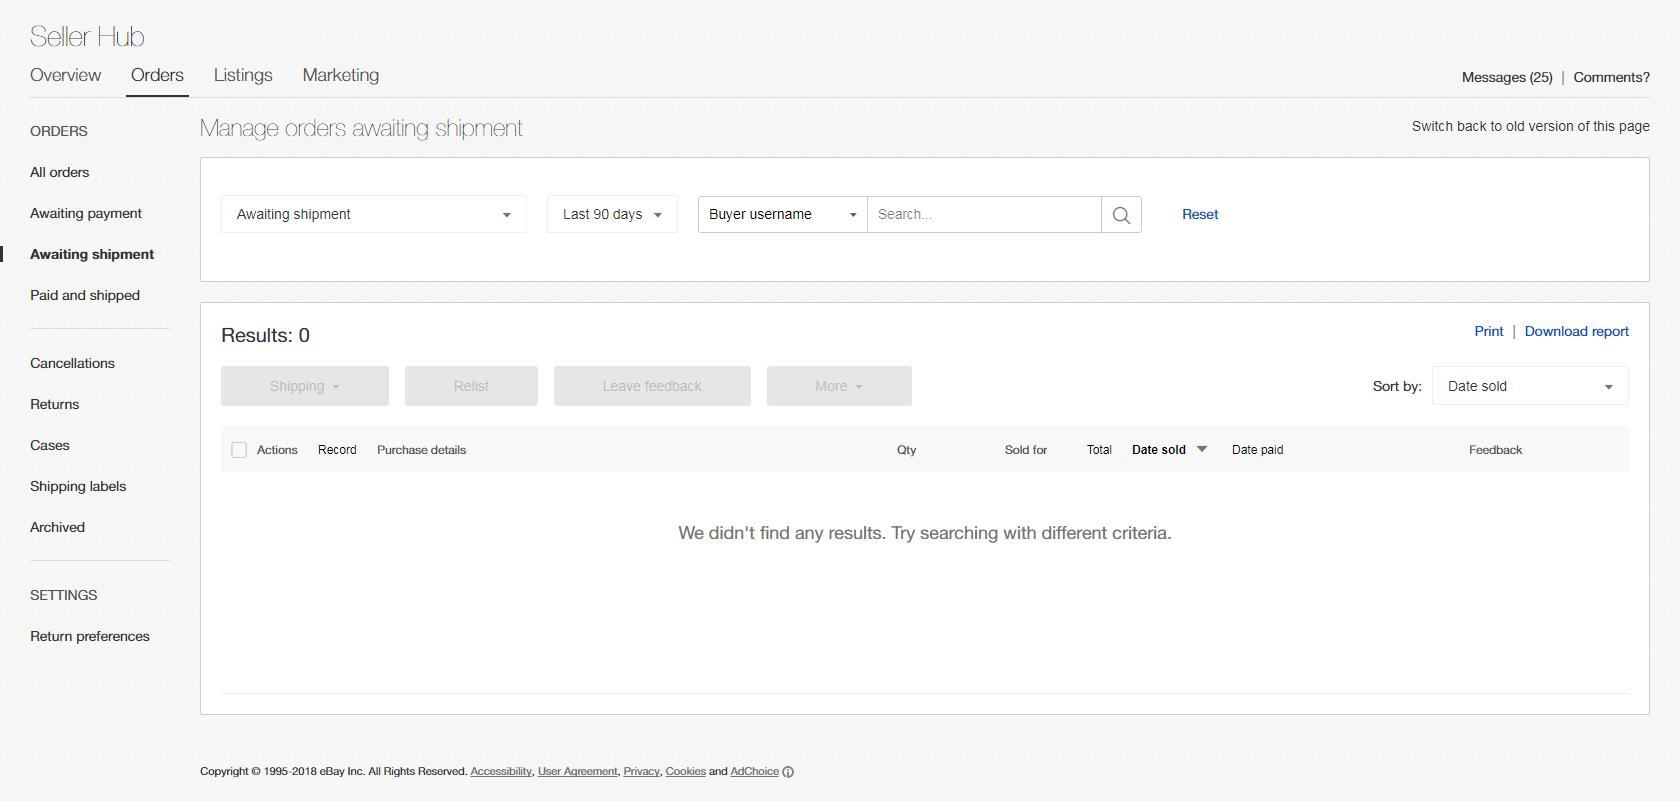 Seller Hub Orders tab